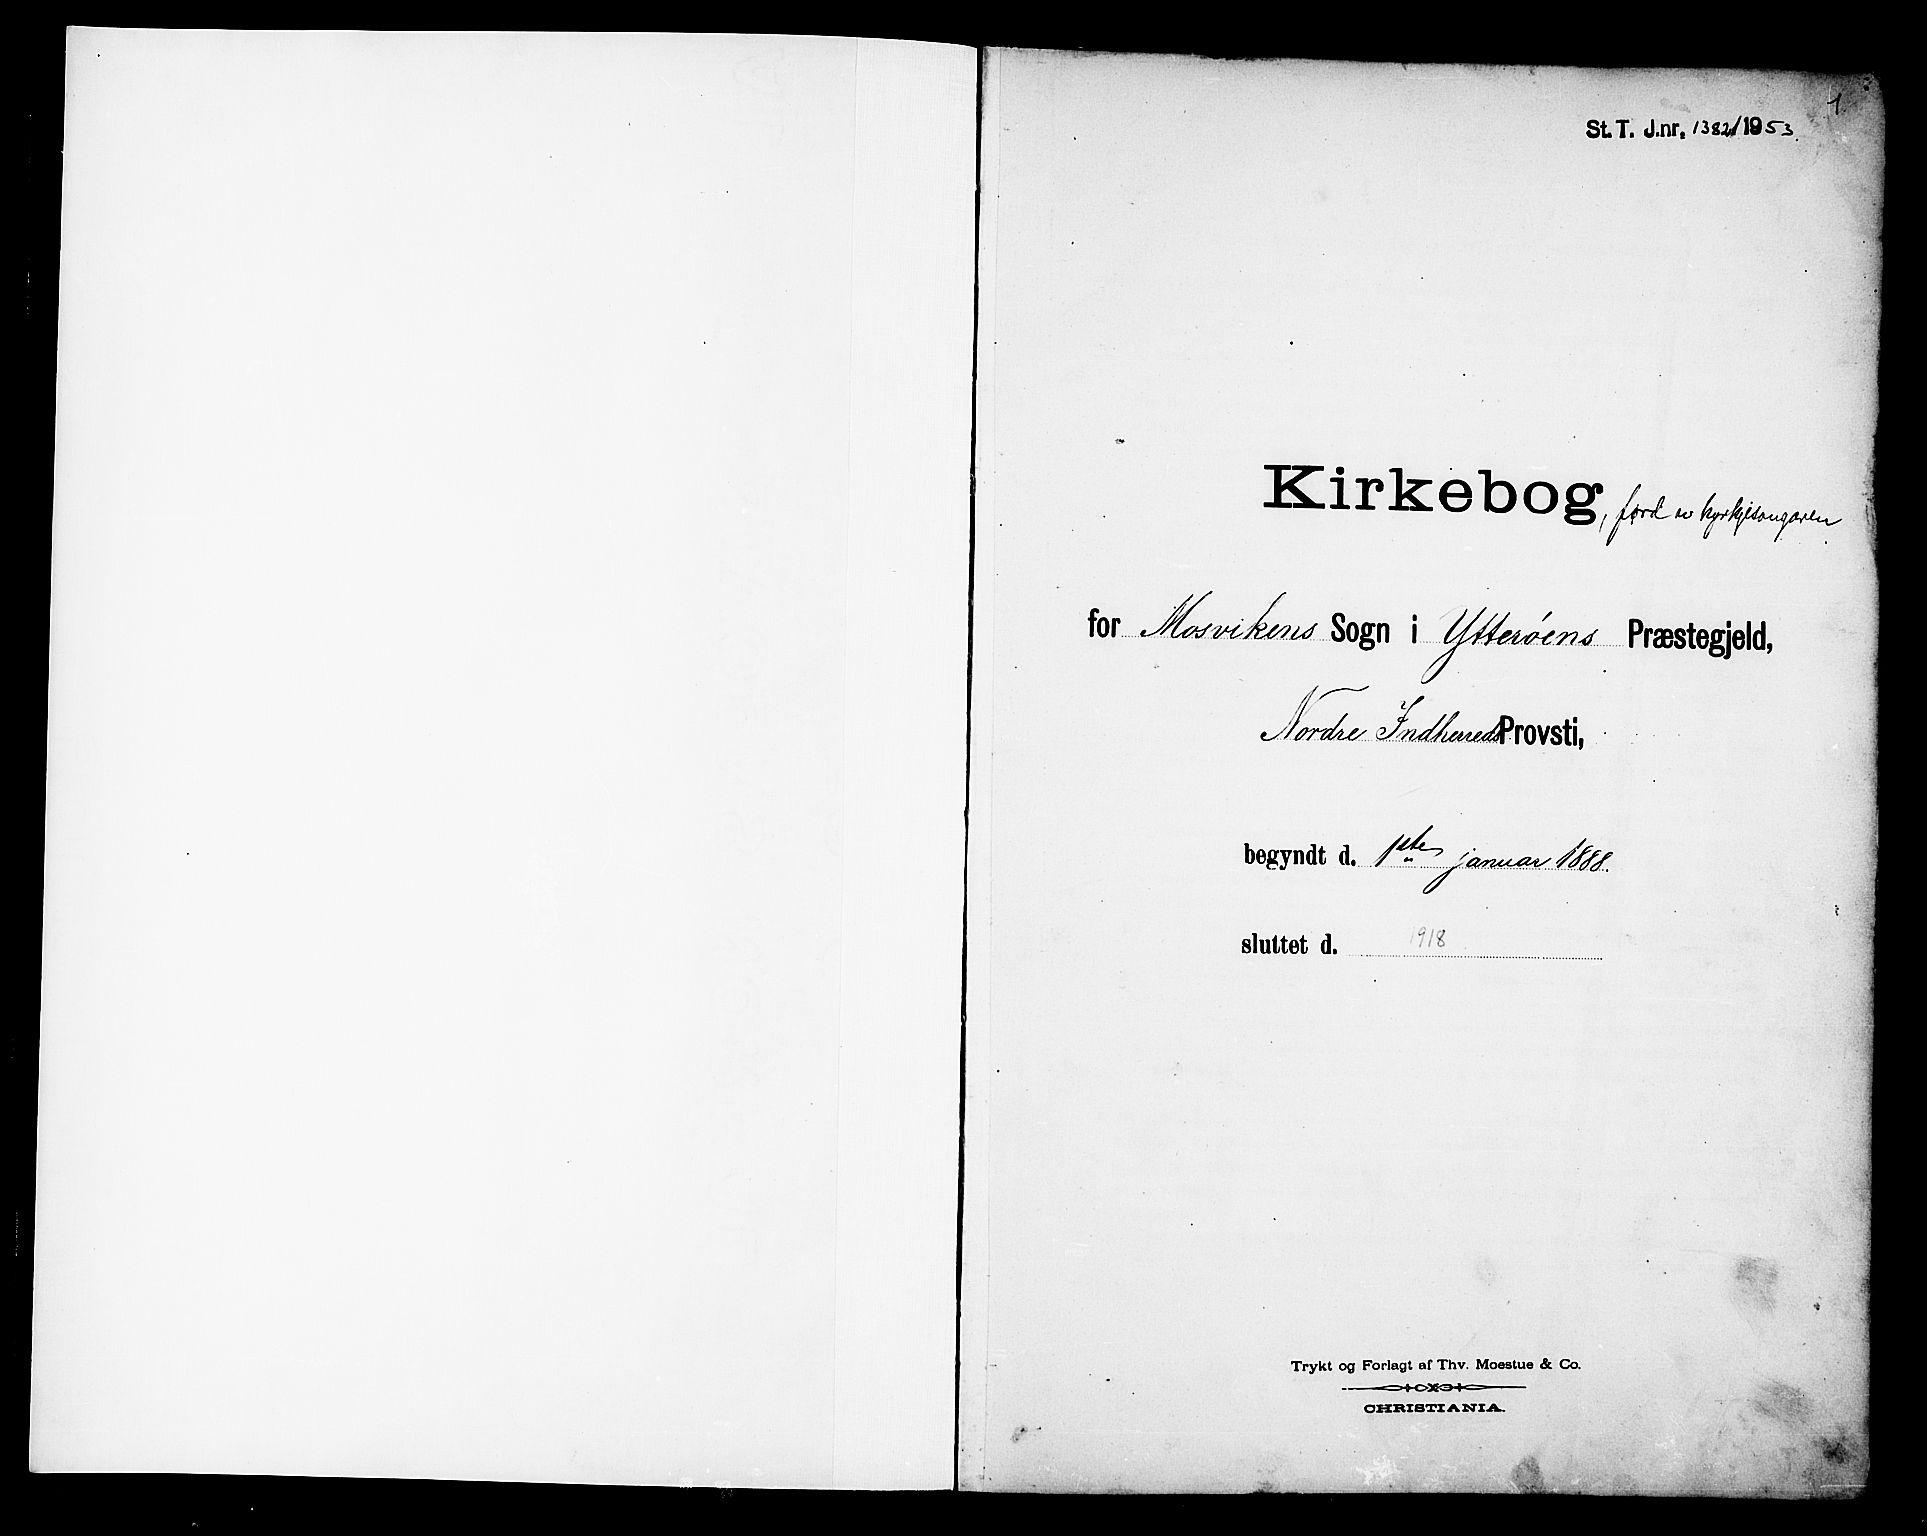 SAT, Ministerialprotokoller, klokkerbøker og fødselsregistre - Nord-Trøndelag, 733/L0327: Klokkerbok nr. 733C02, 1888-1918, s. 1